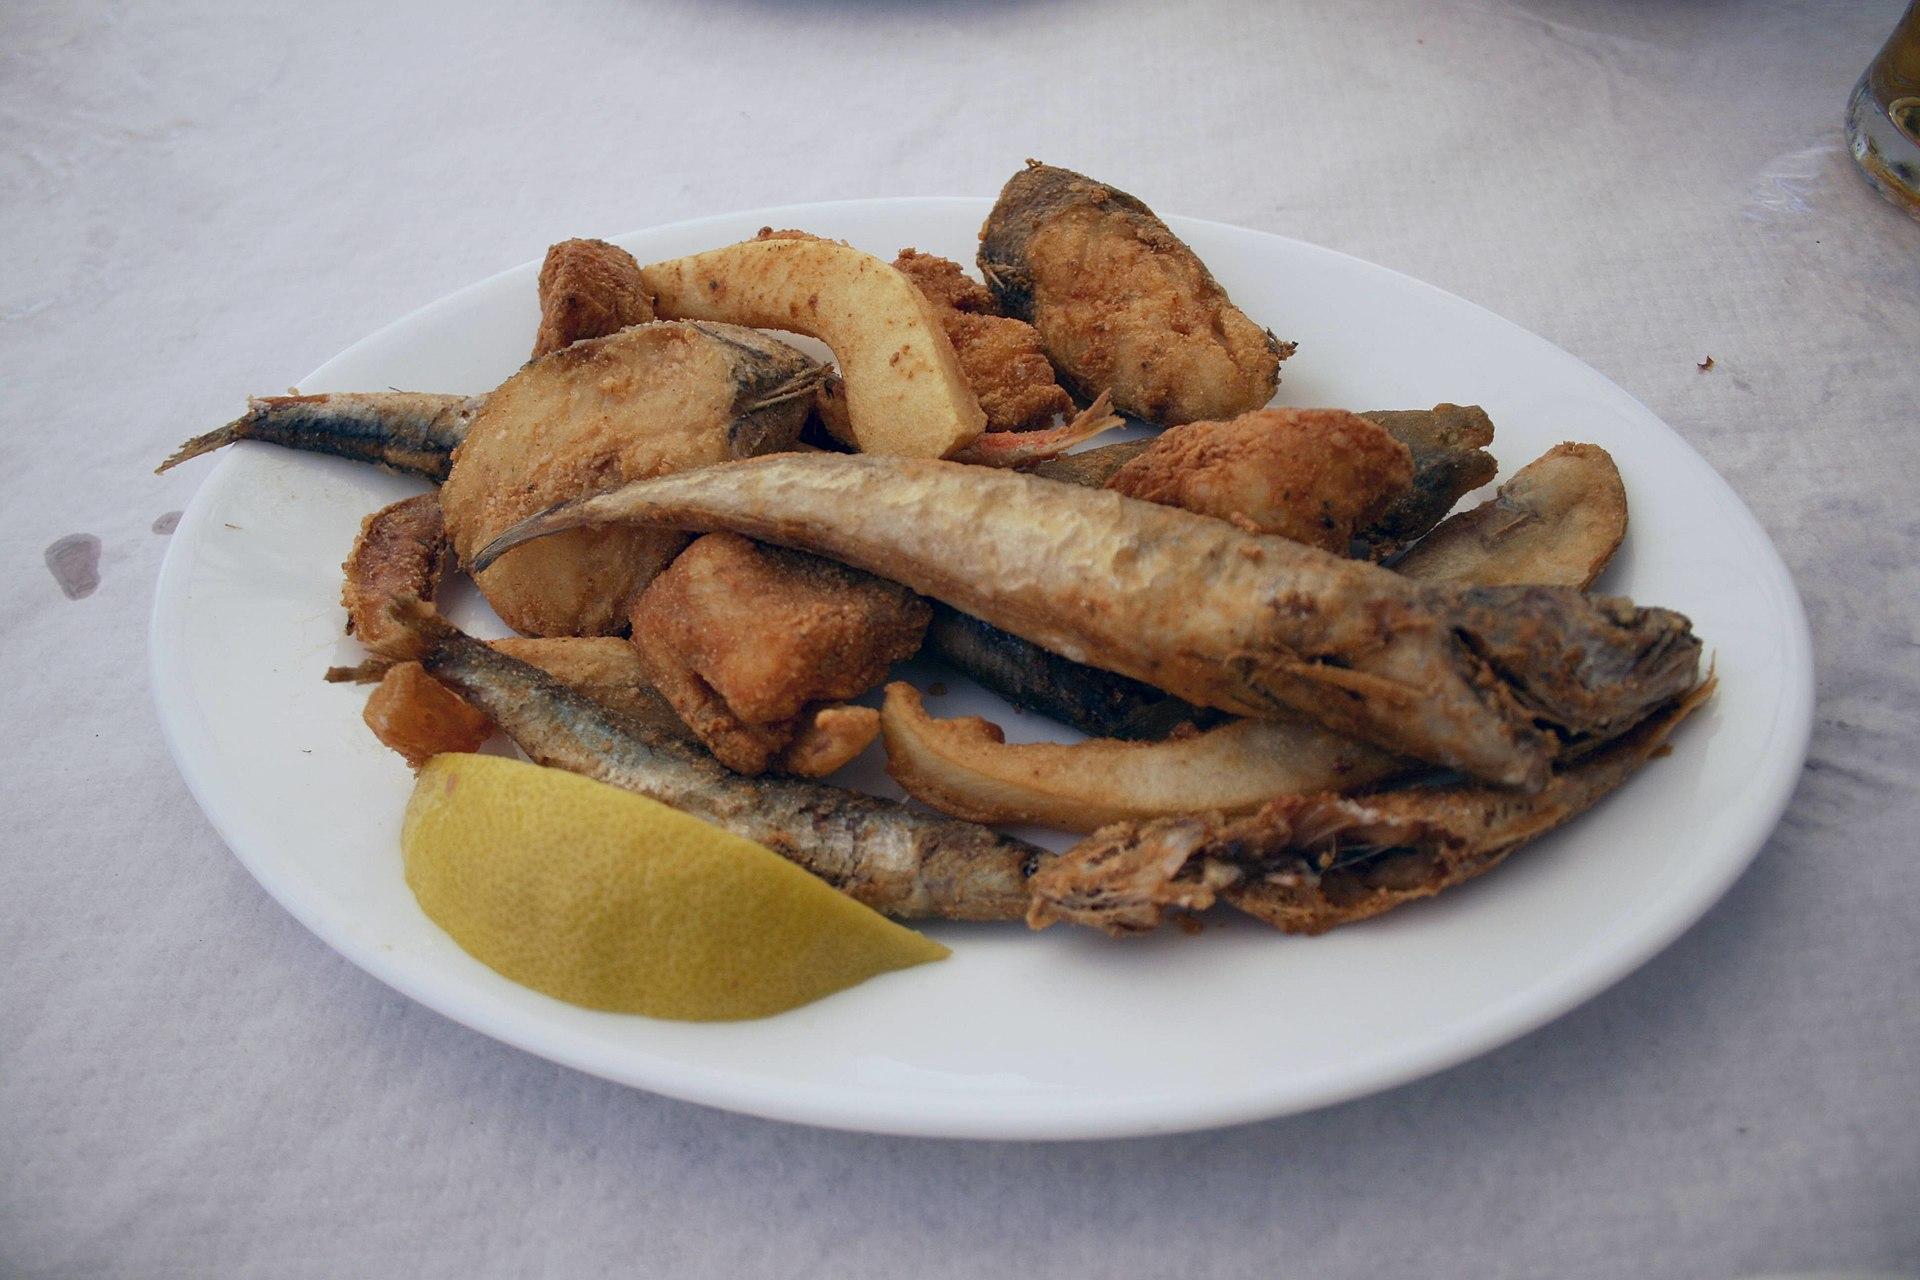 Pesca to frito wikipedia la enciclopedia libre for Argentinian cuisine history